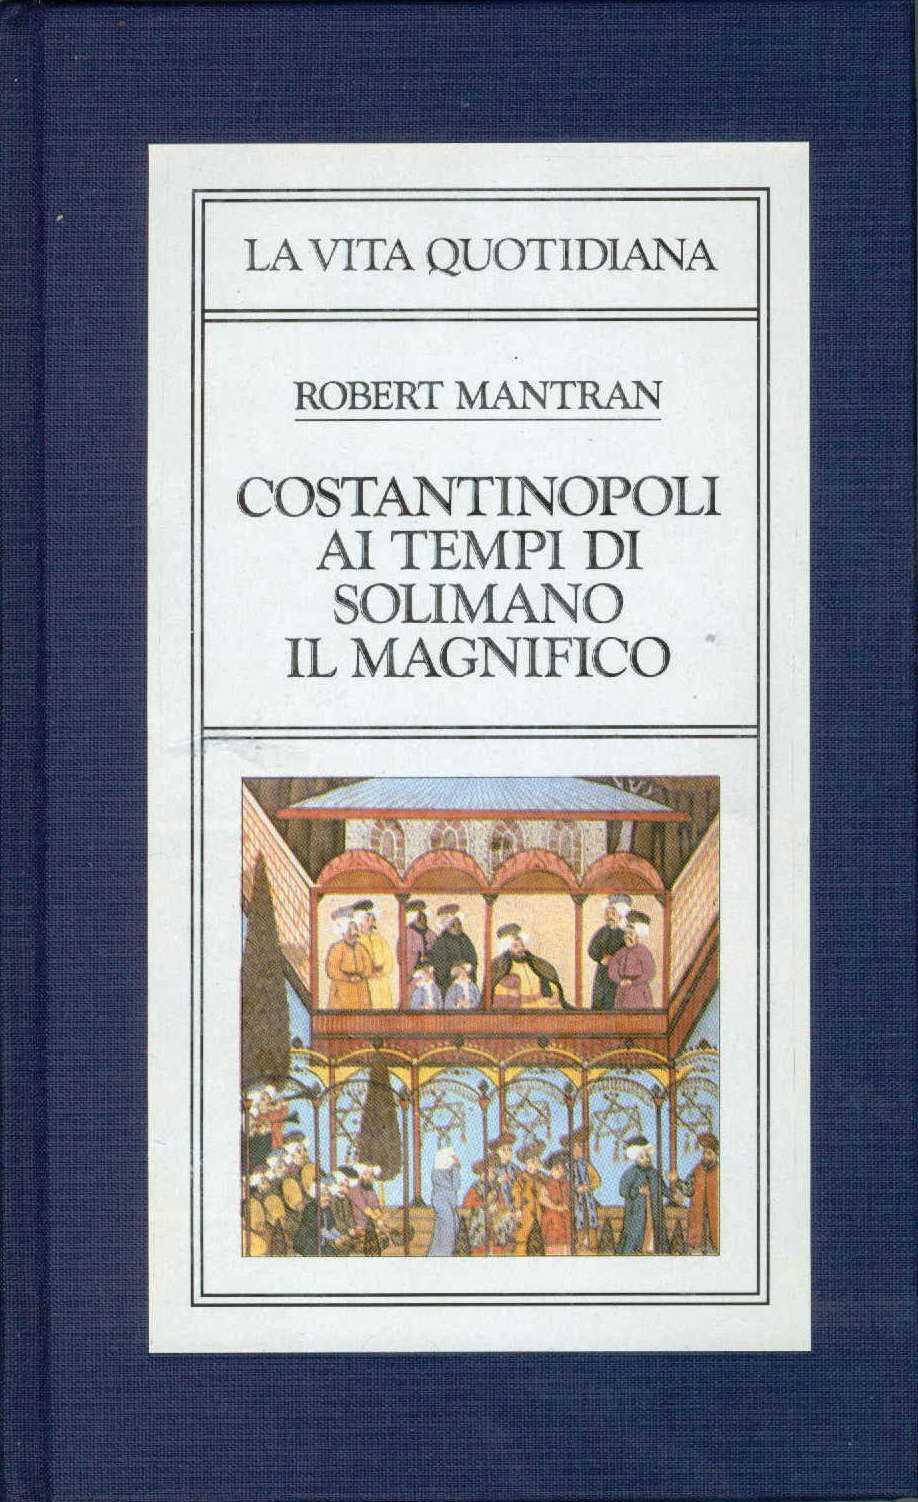 Costantinopoli ai tempi di Solimano il Magnifico